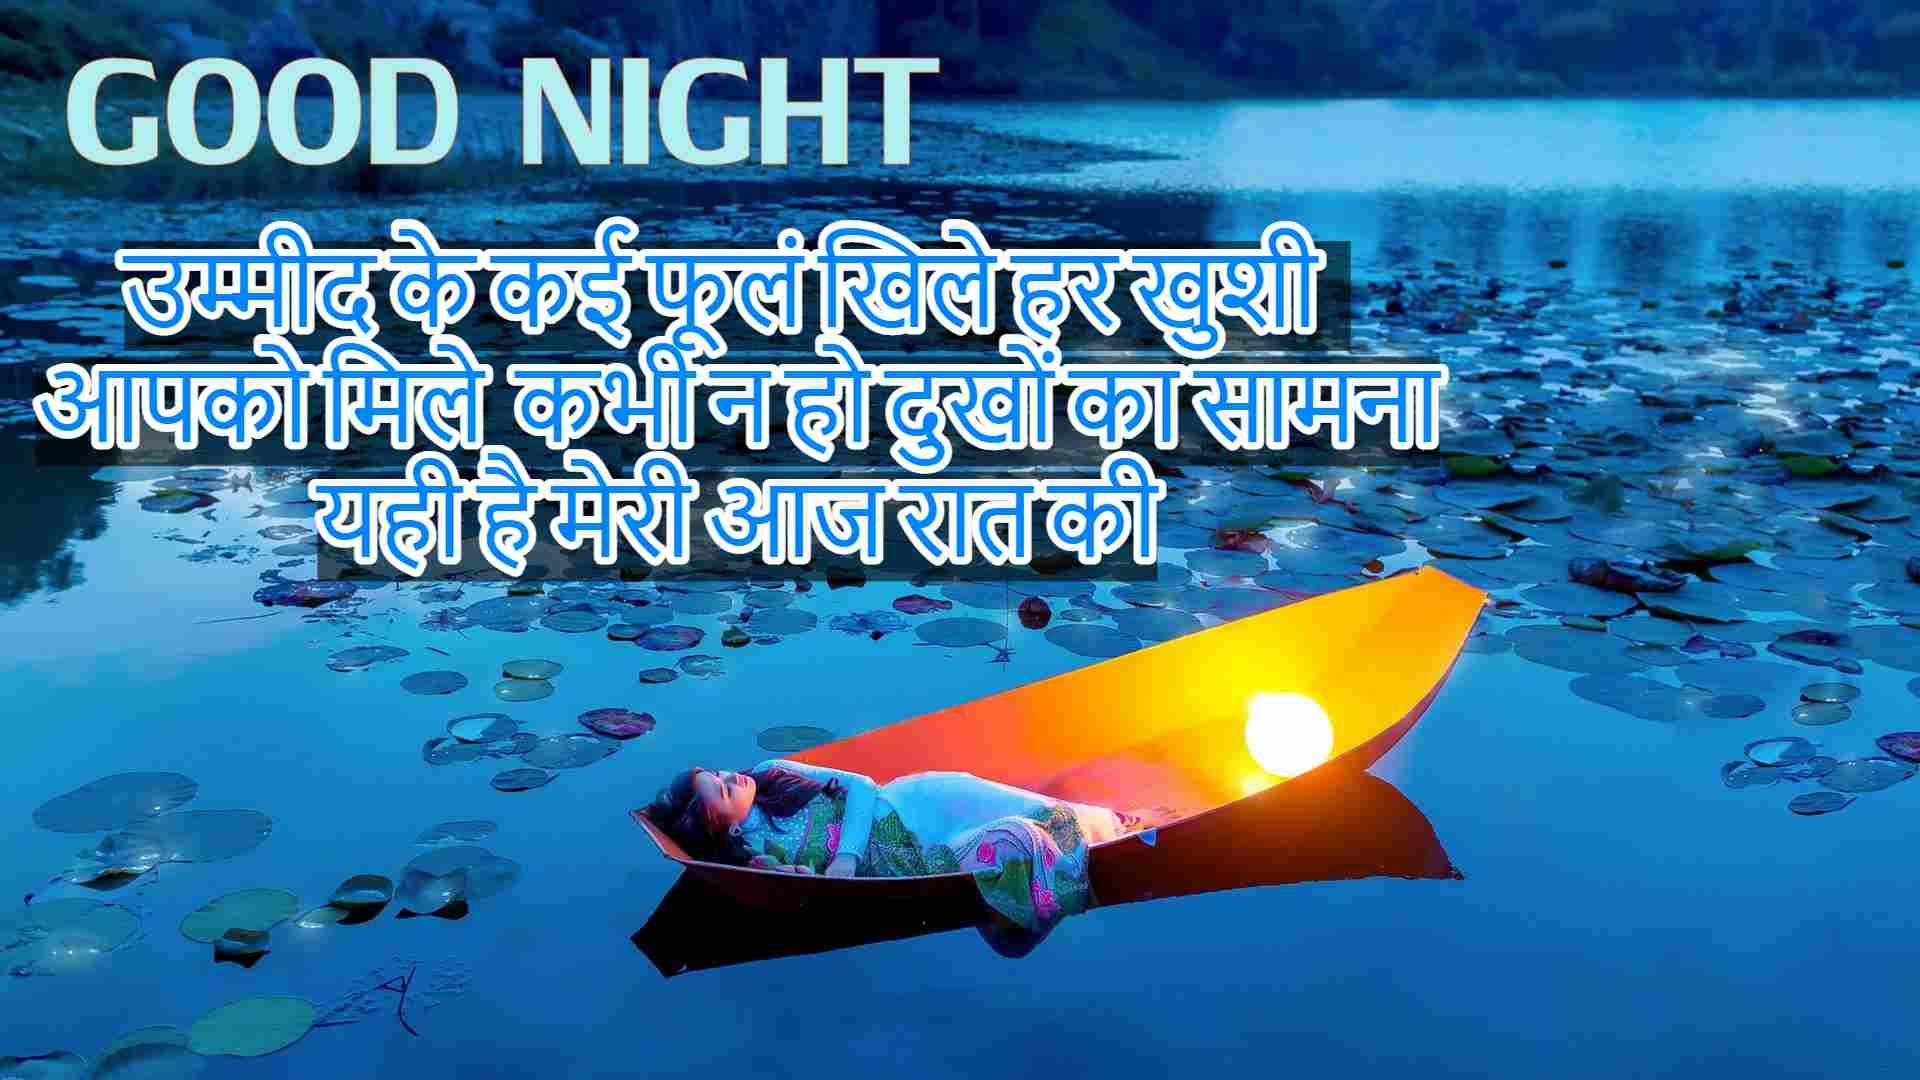 🌹🌠 शुभ रात्रि 🌠🌹